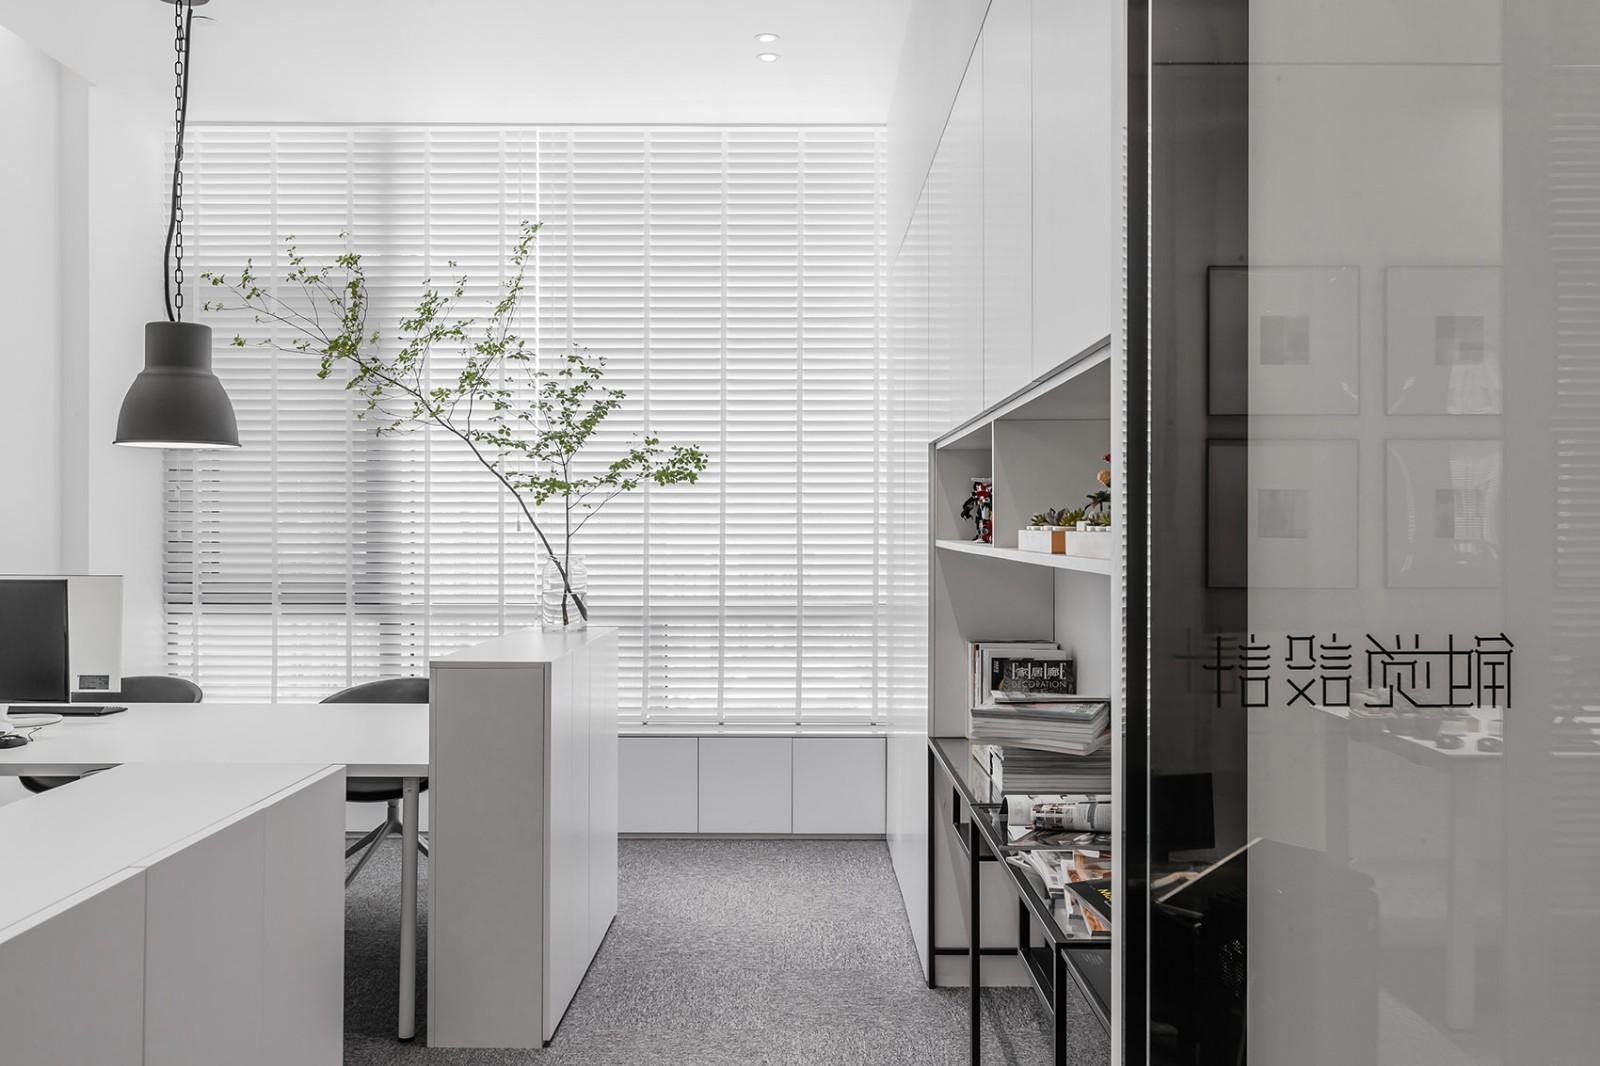 办公室设计,让极简不失调性|张勇、马鑫 - 6